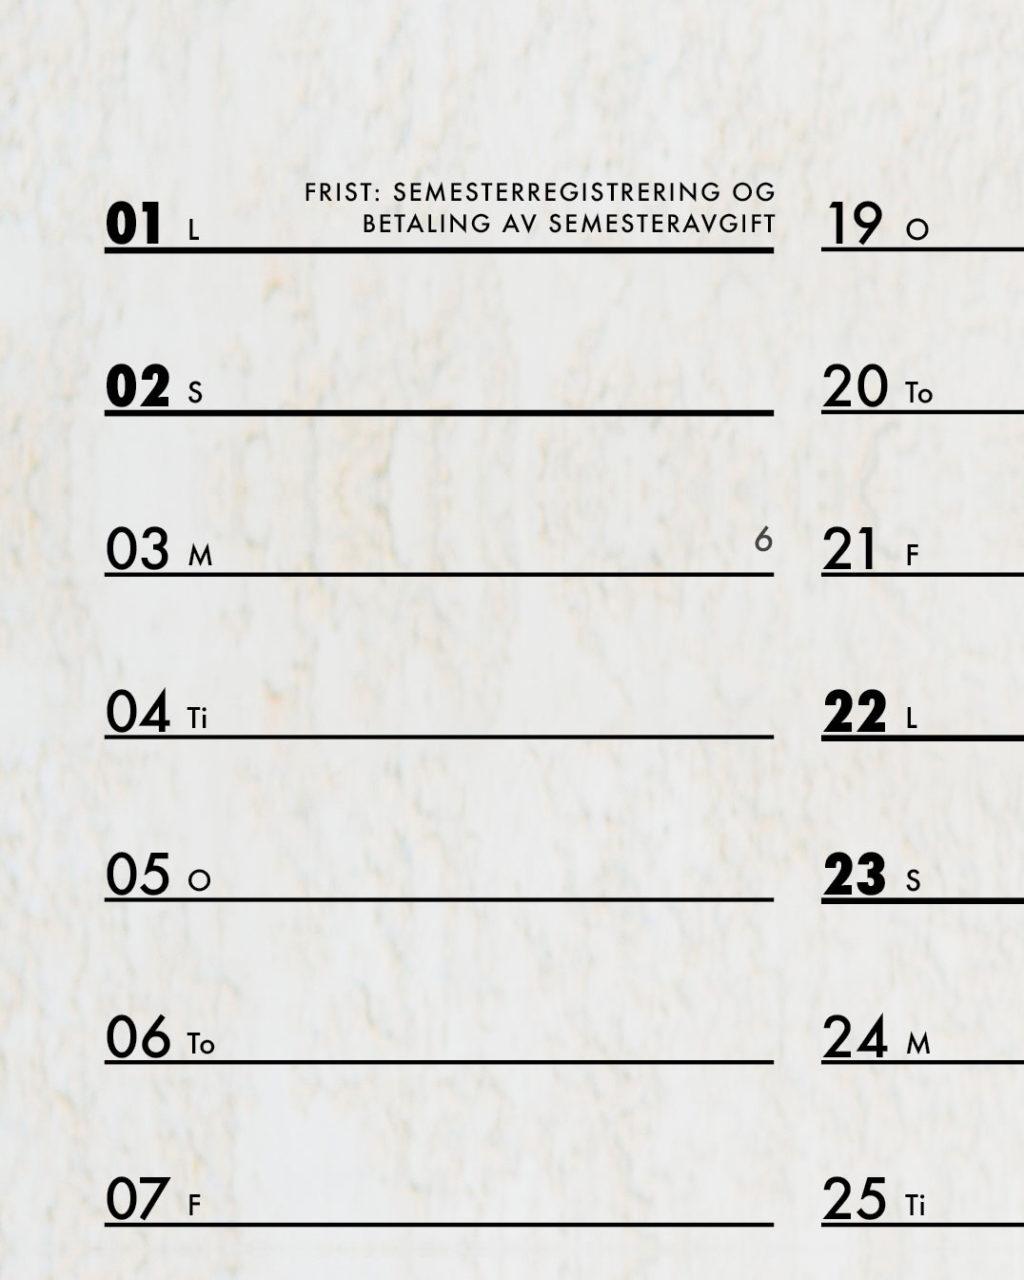 Kalender med oversikt over viktige frister for studenter